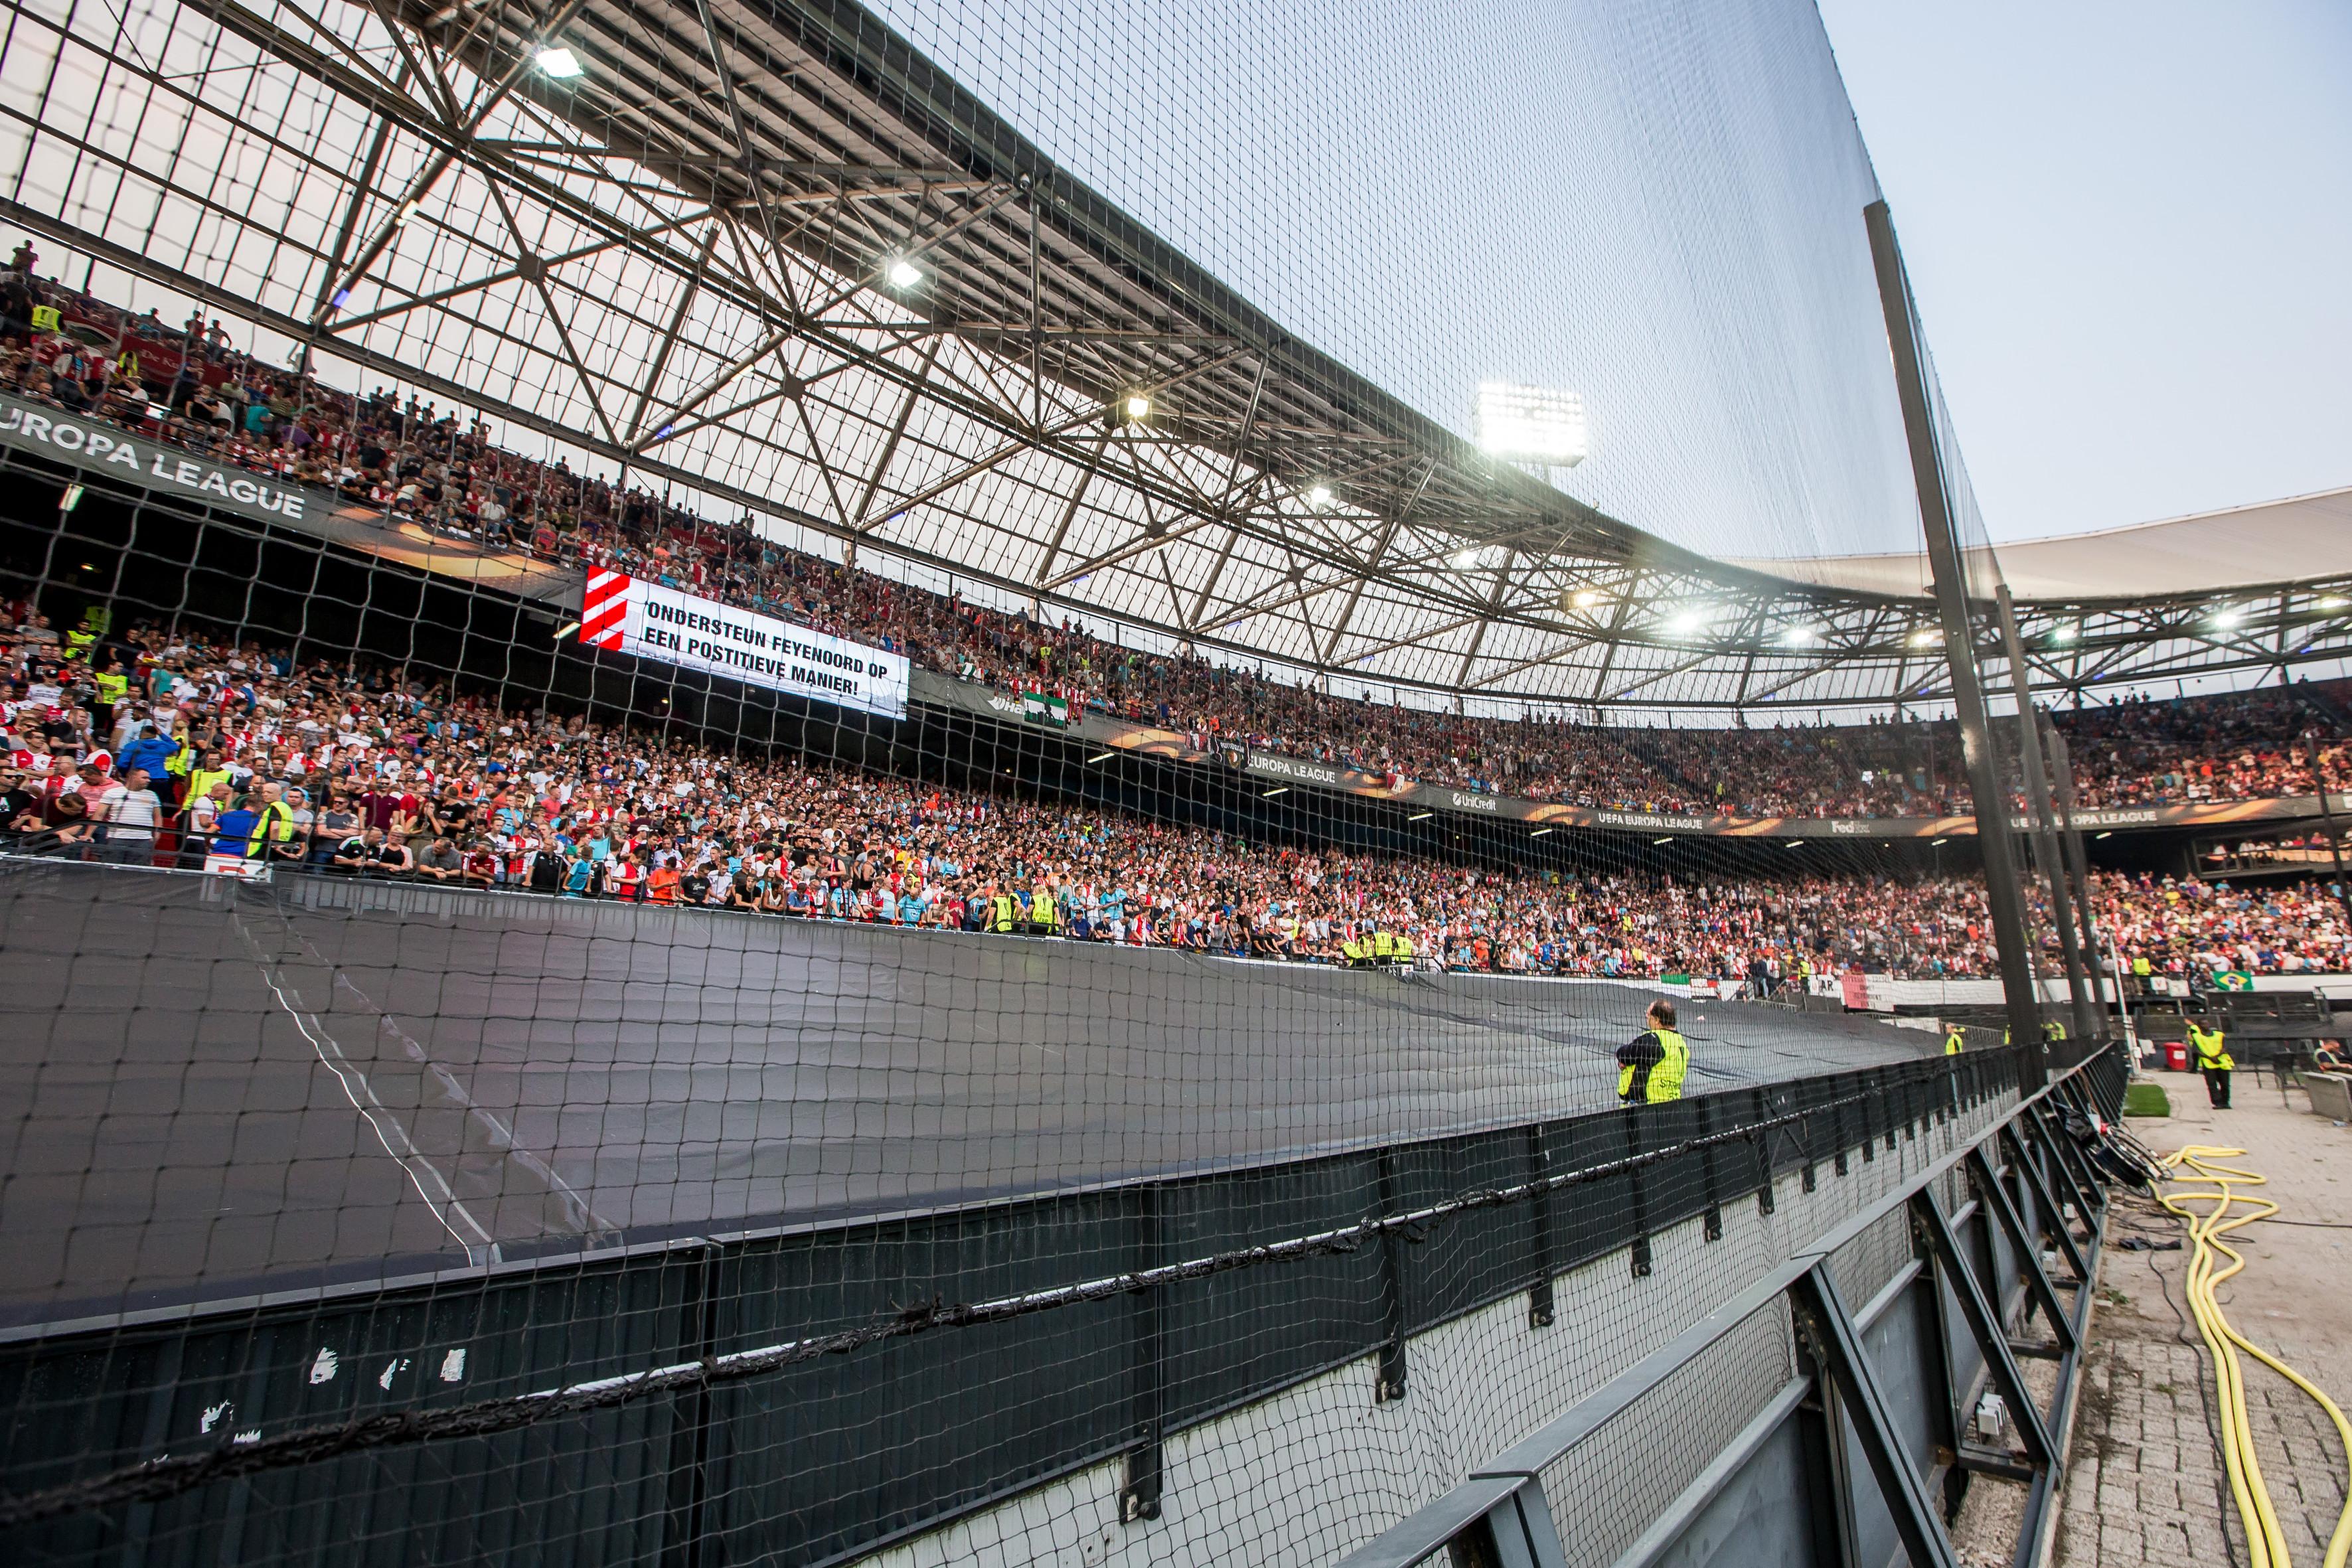 Feyenoord ook in Champions League met netten voor tribunes